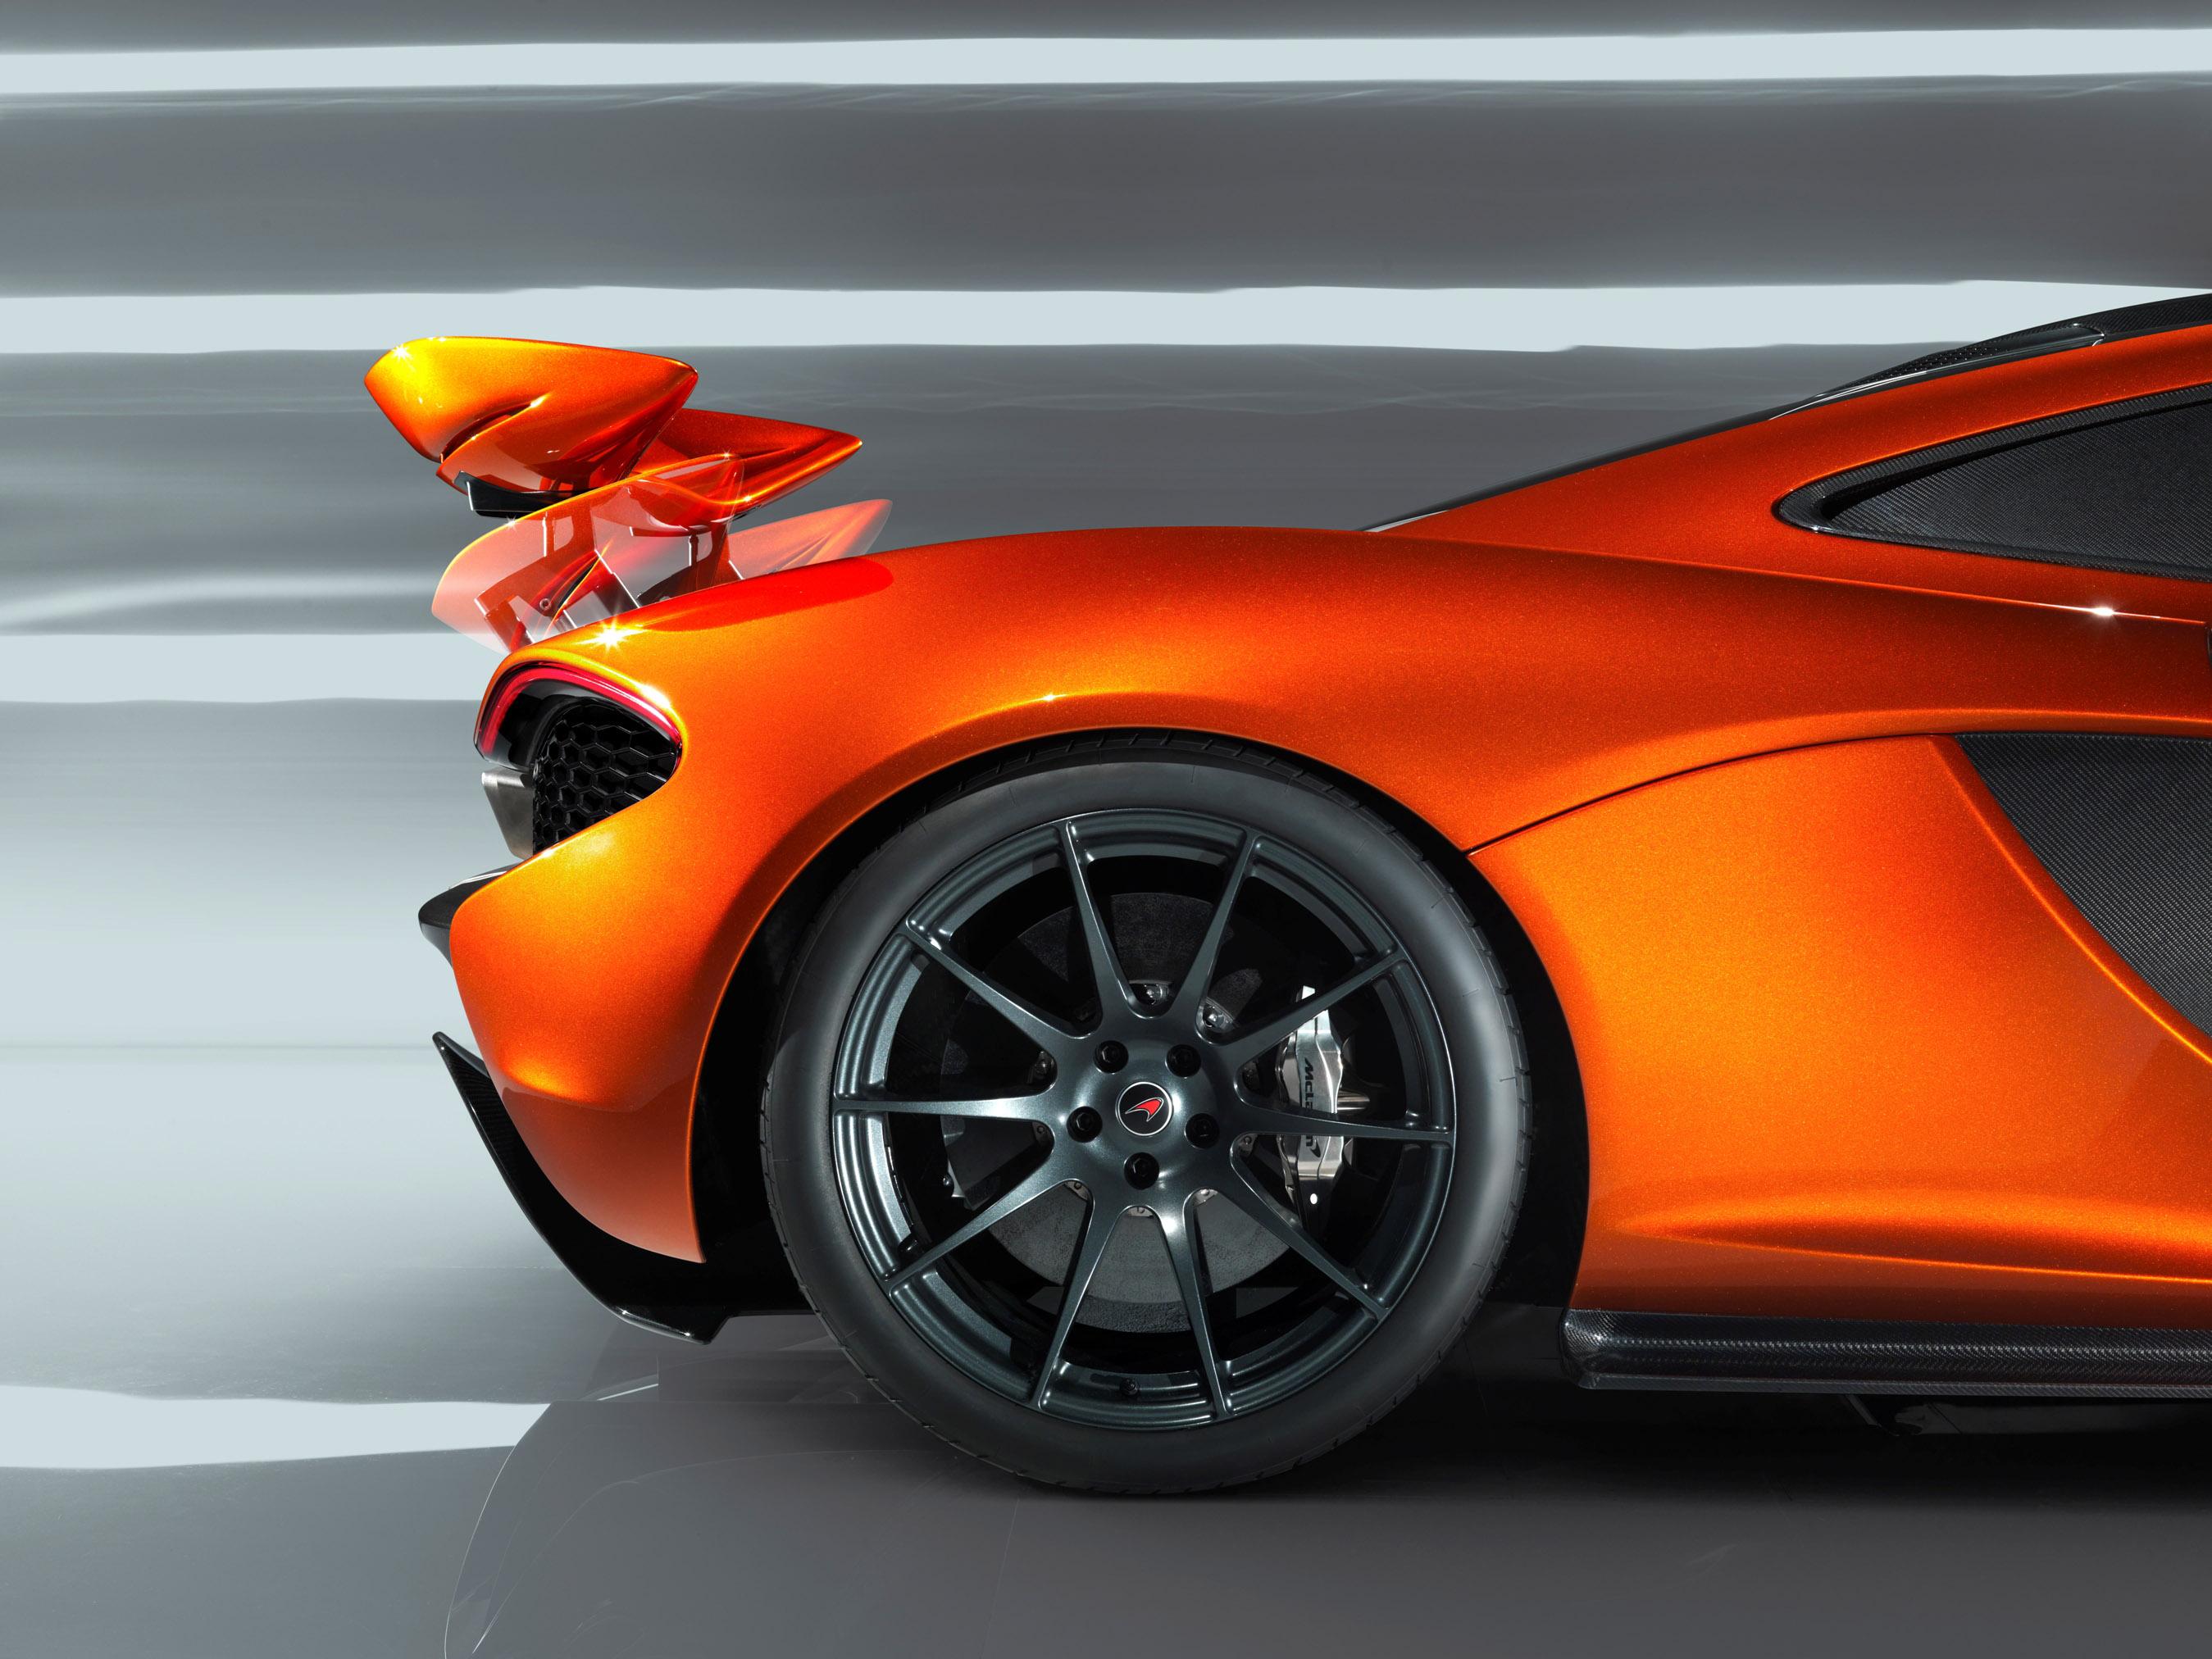 Mclaren P1 Cost >> McLaren P1 Concept - 0-100 km in 2.8 seconds